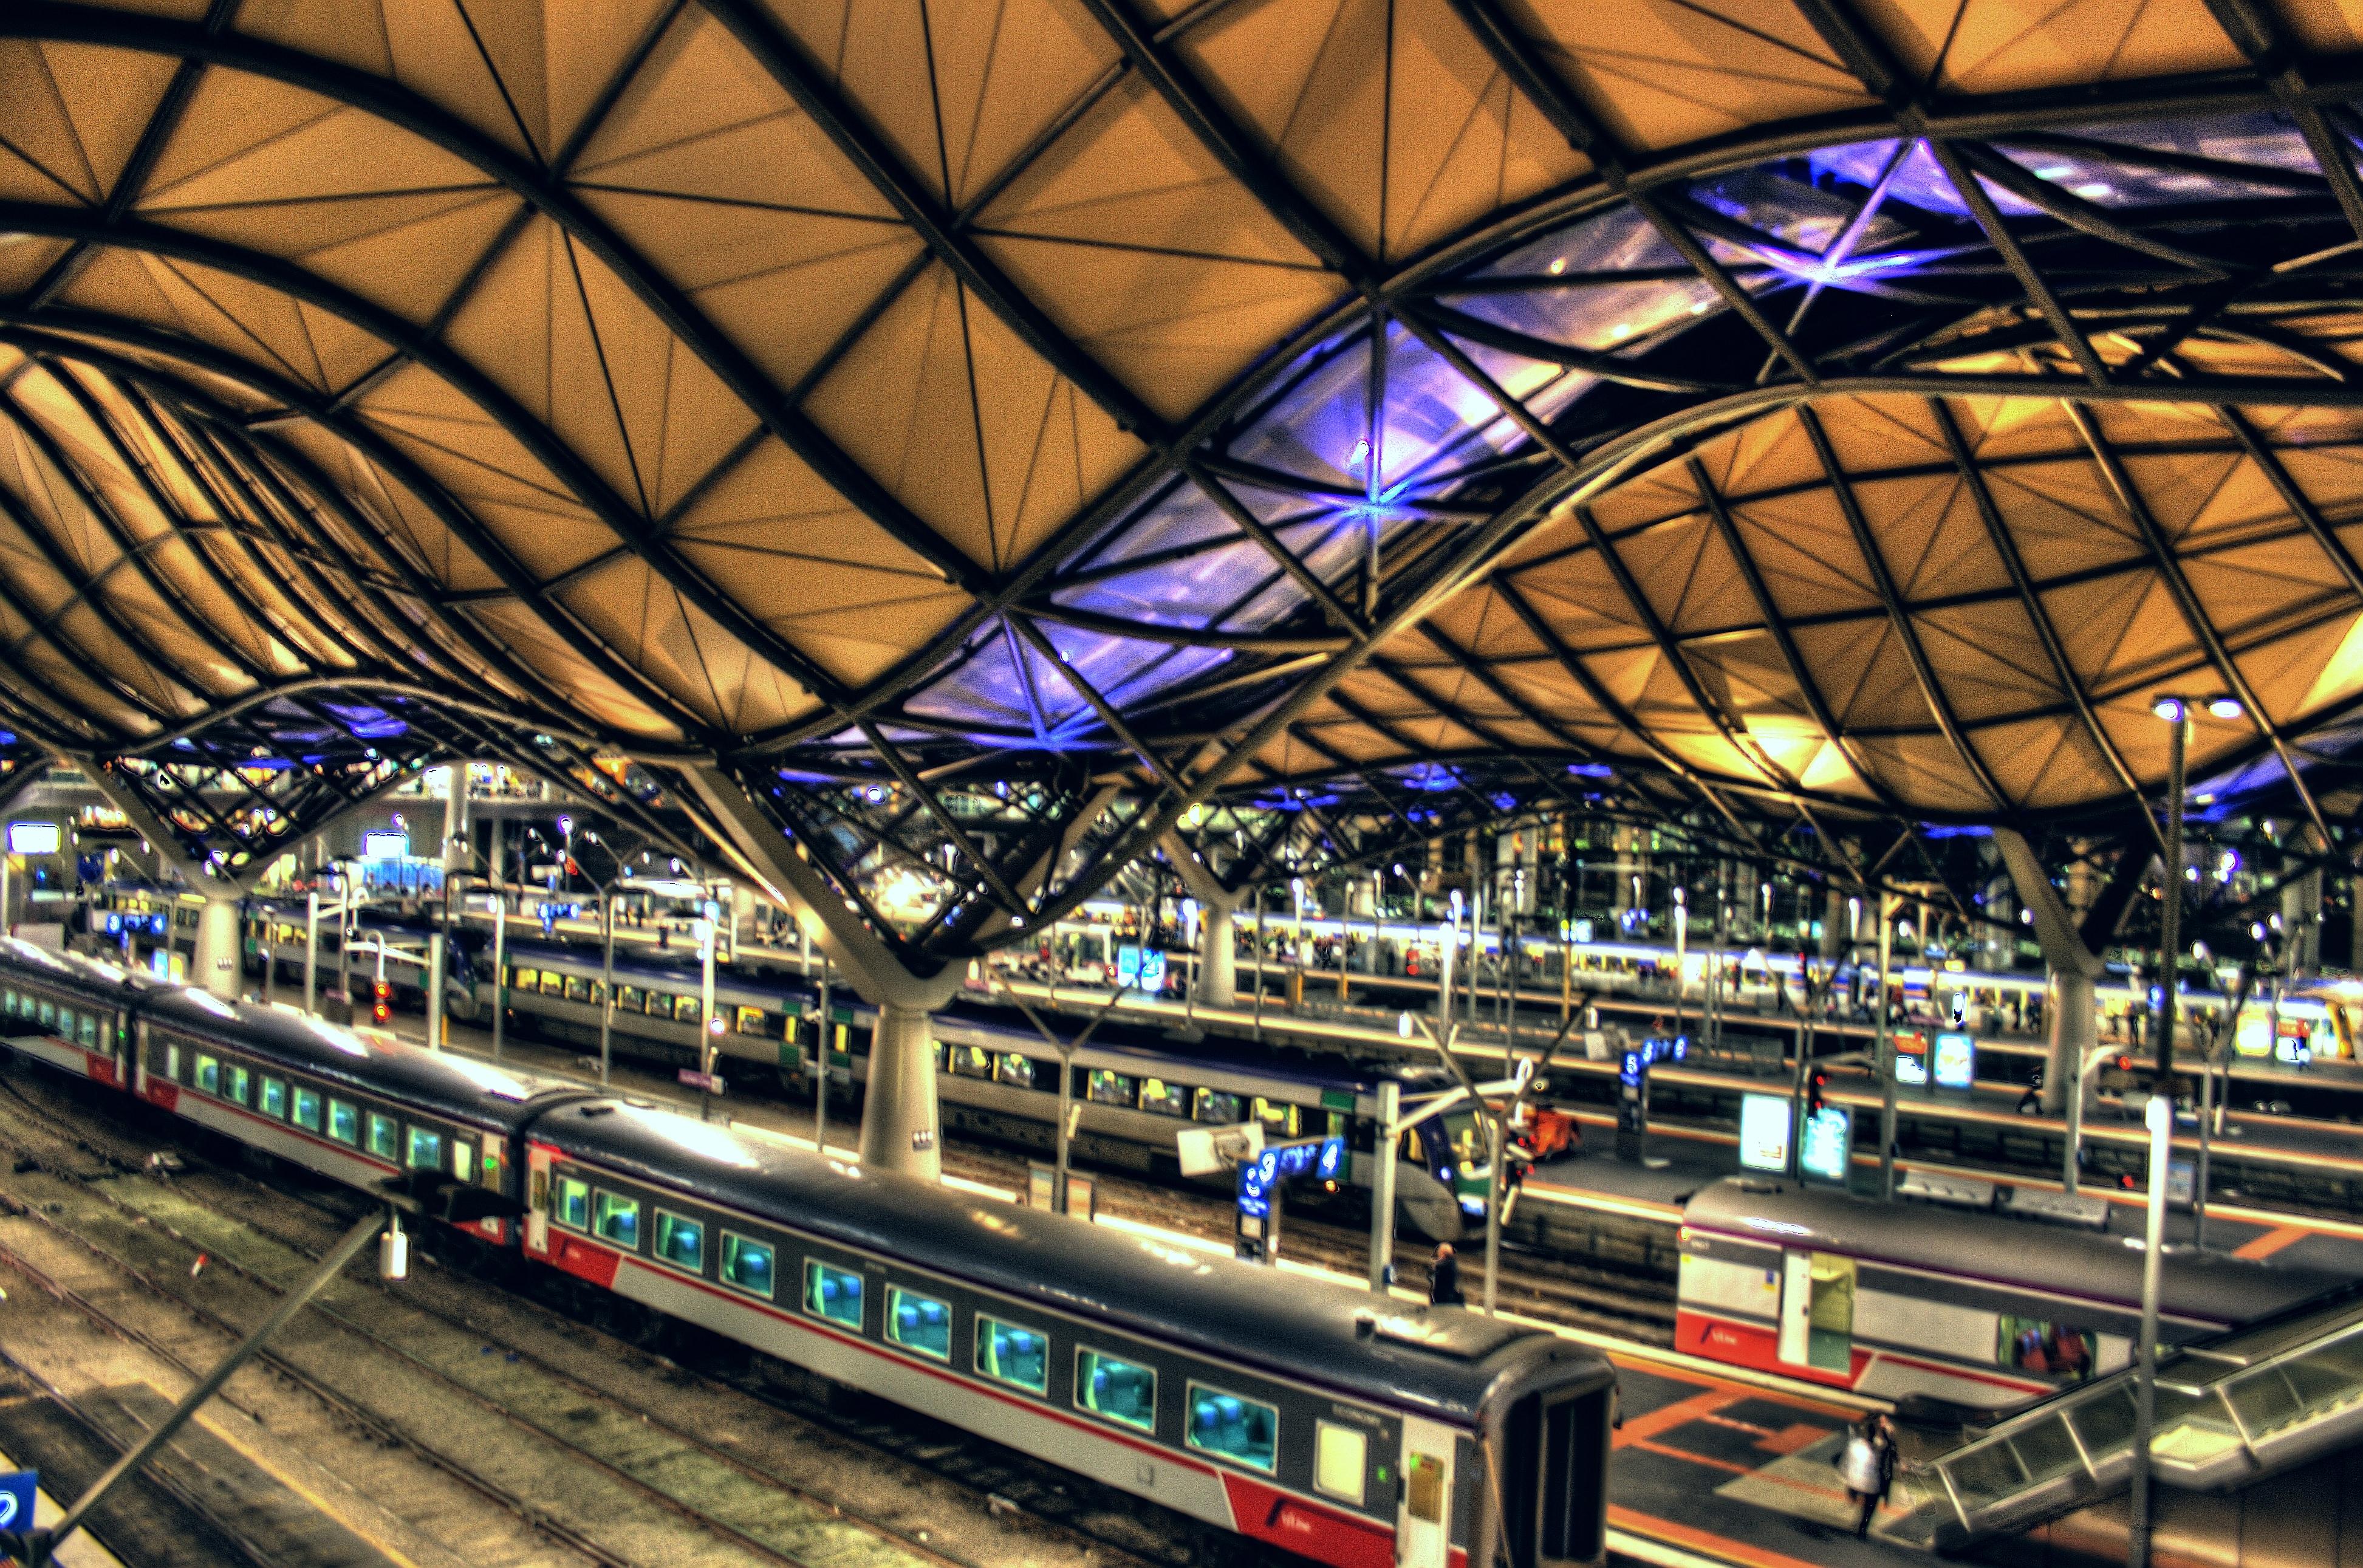 Kết quả hình ảnh cho southern cross station